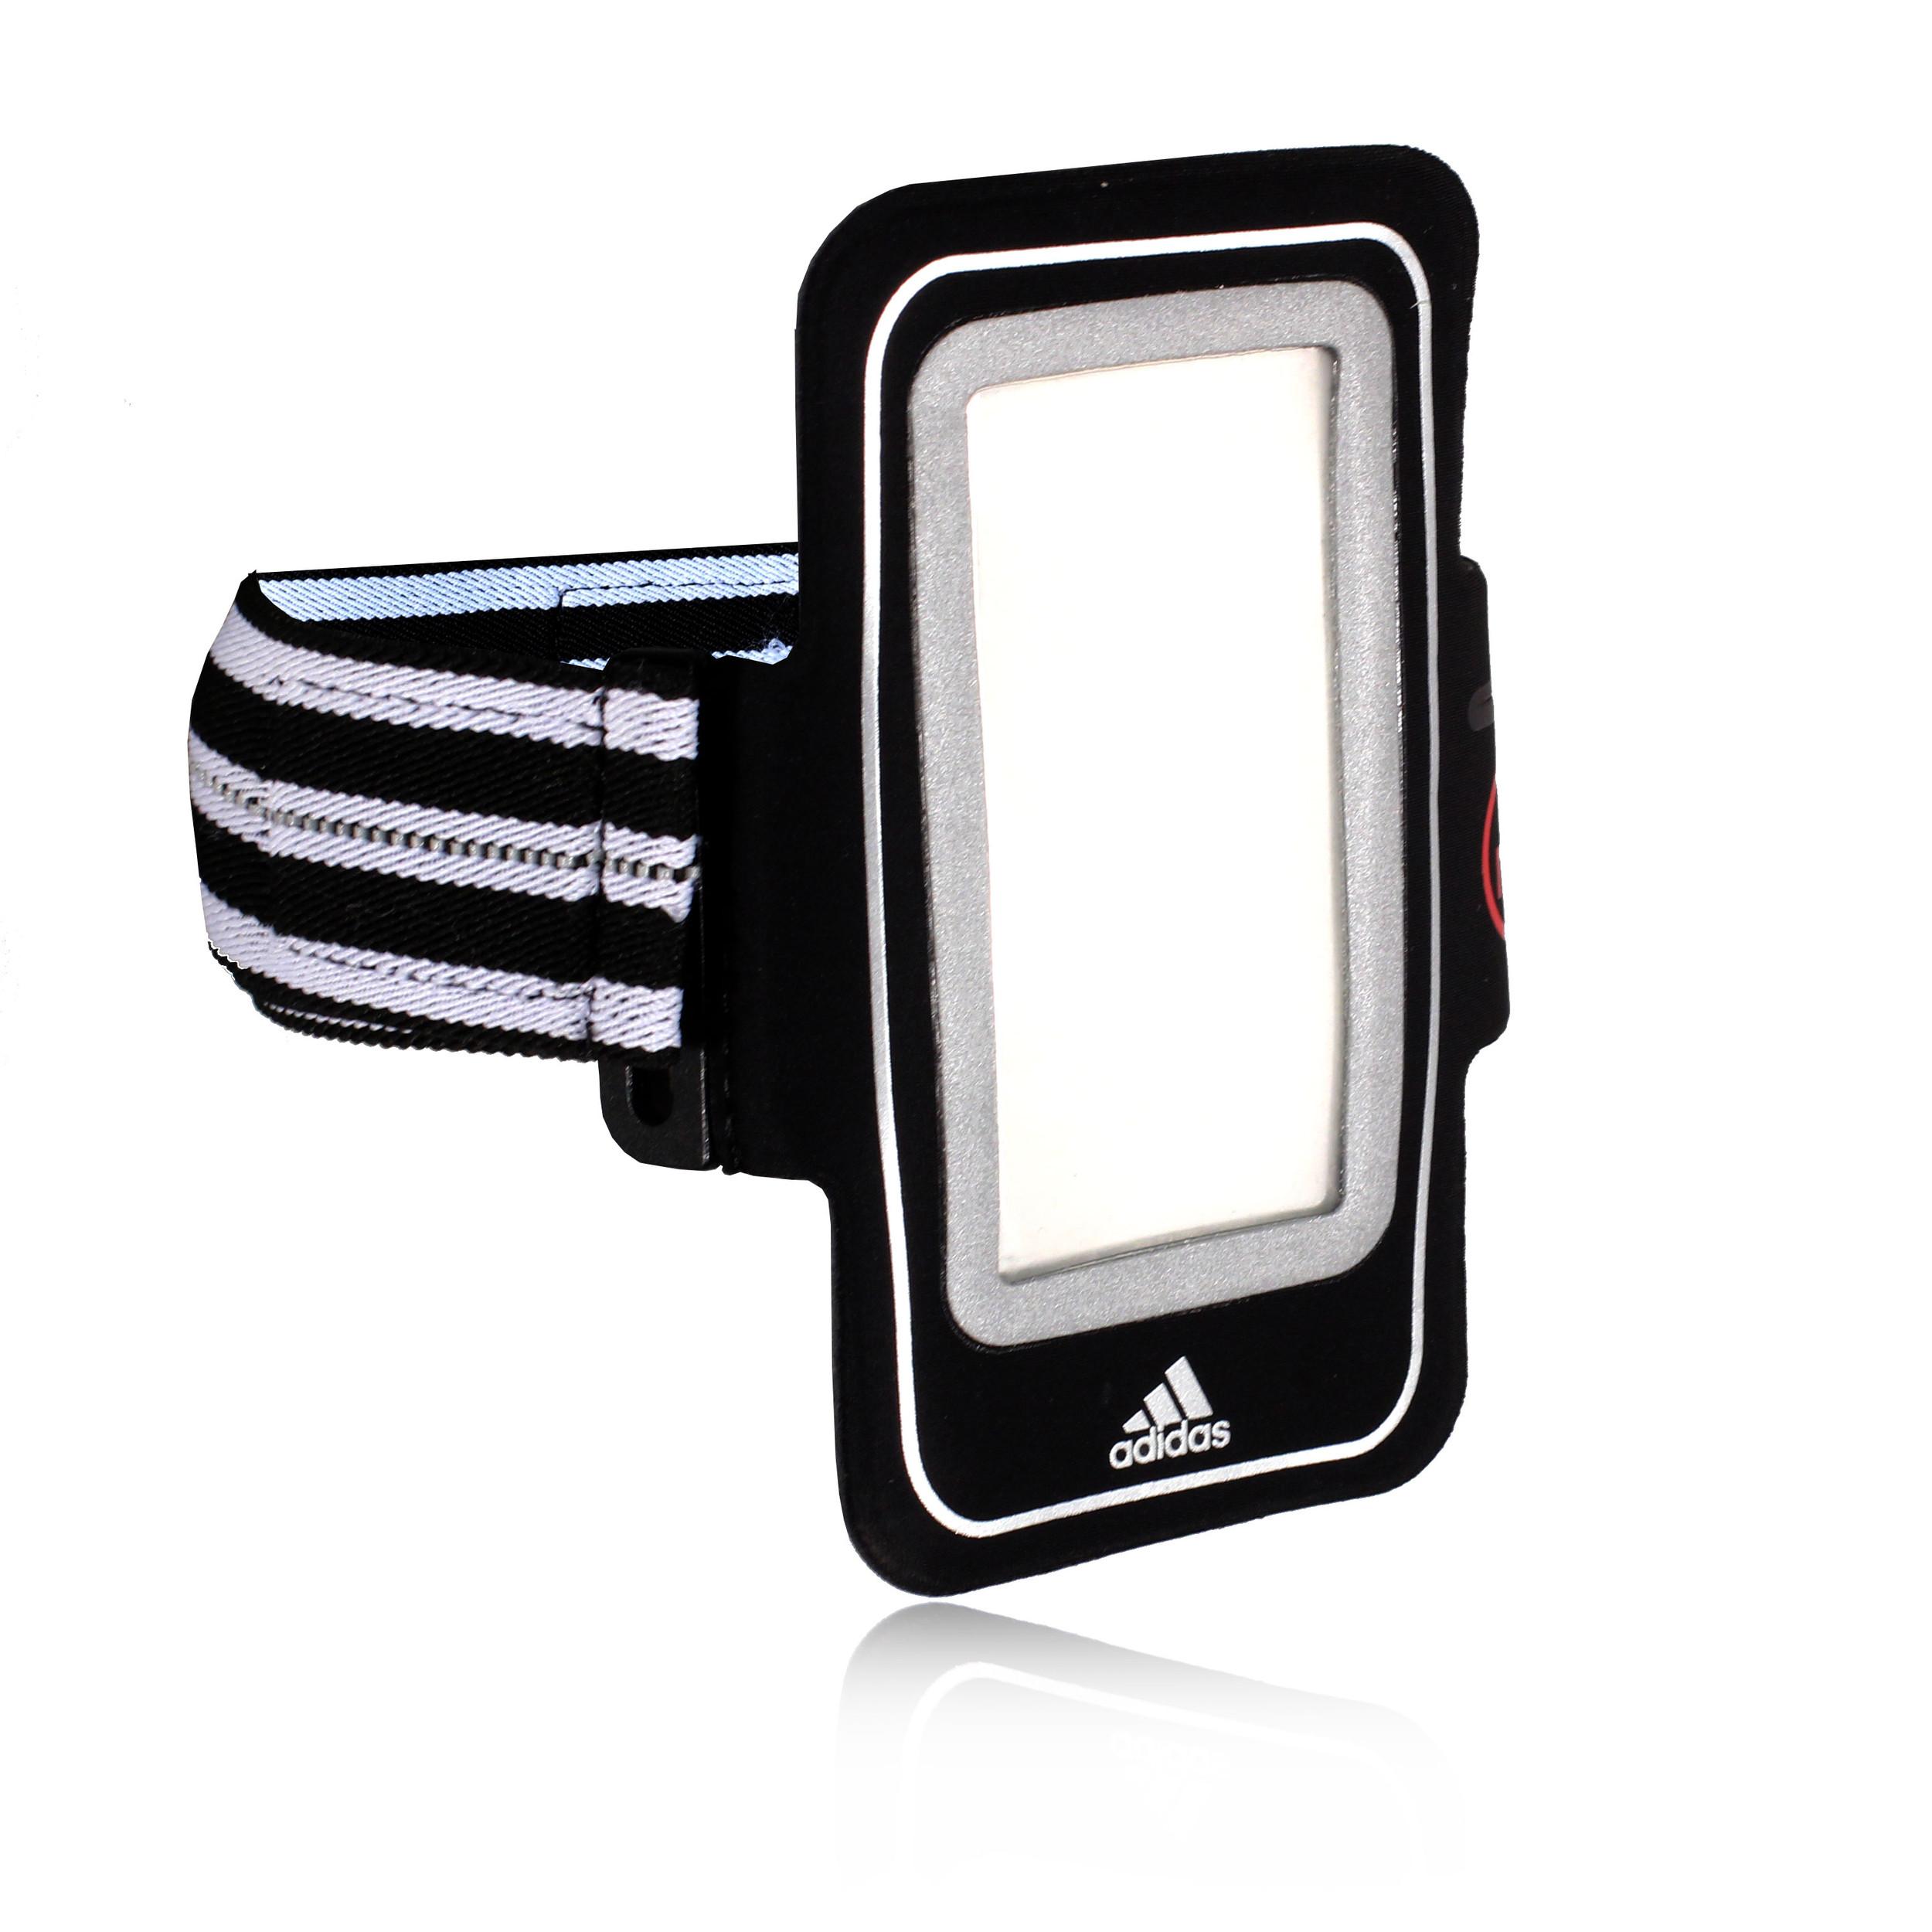 Adidas Media Arm Pack